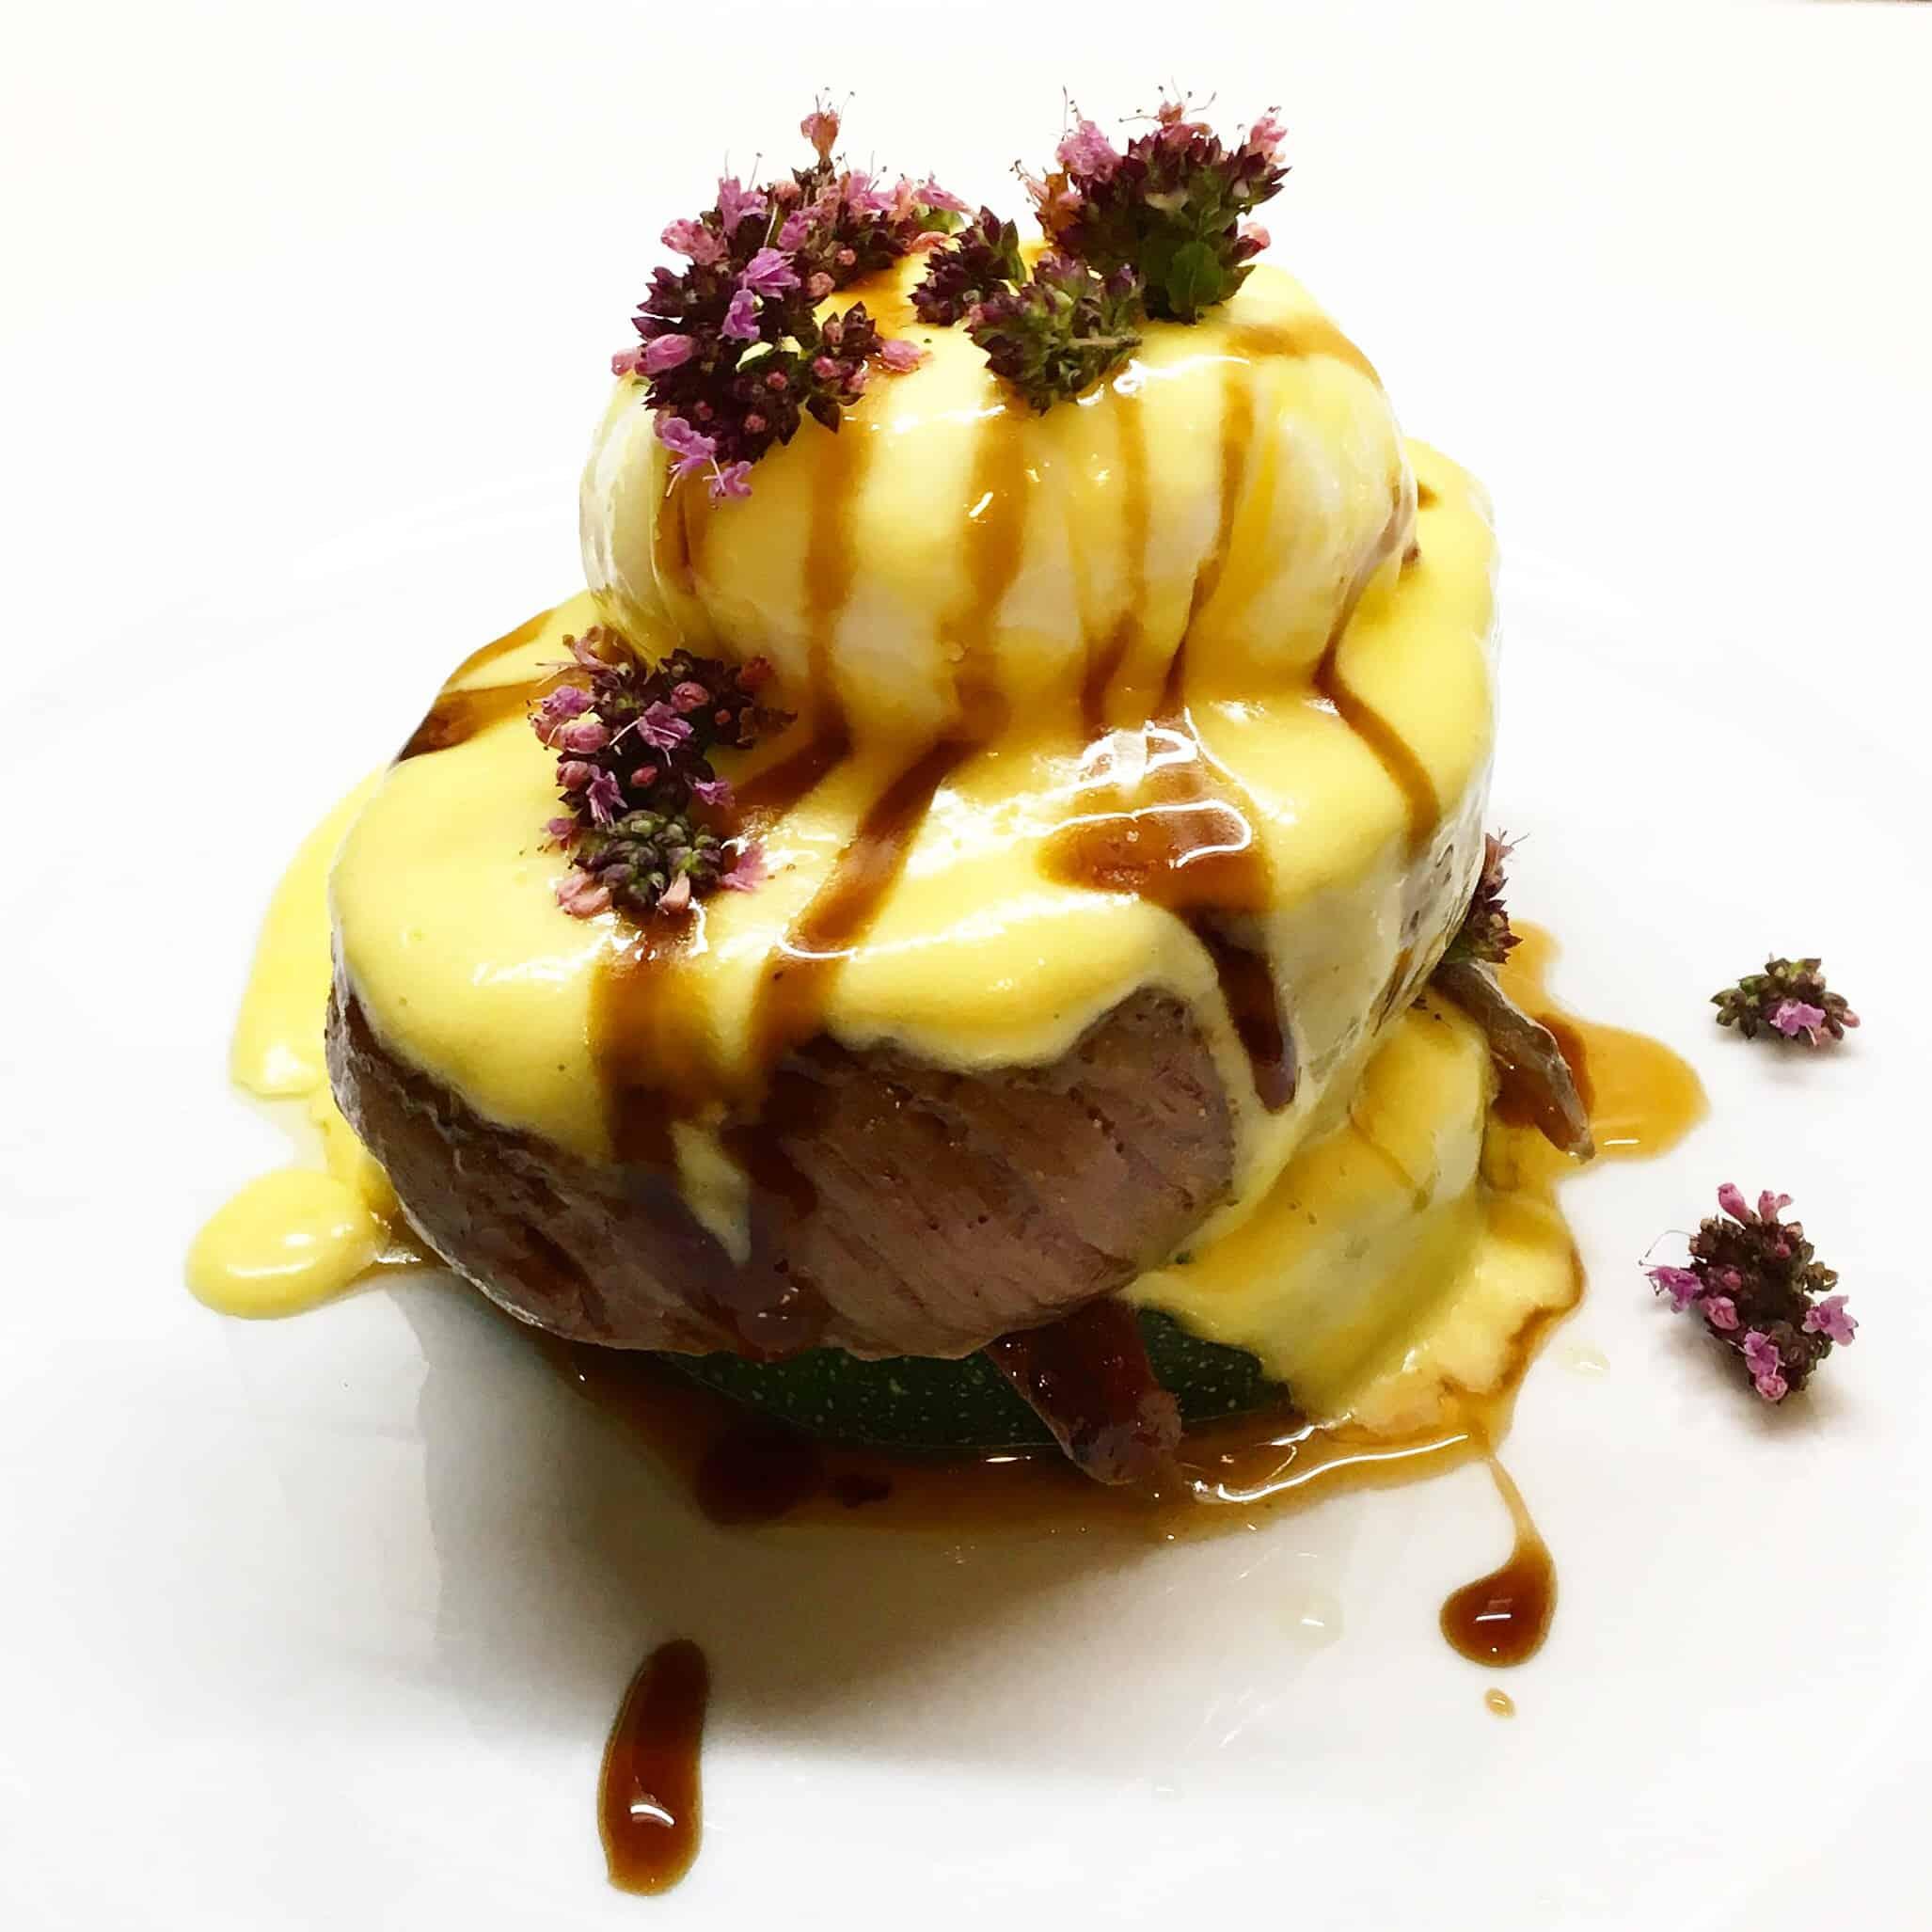 Jautienos kepsnys su Hollandaise padažu - bulviukose.lt